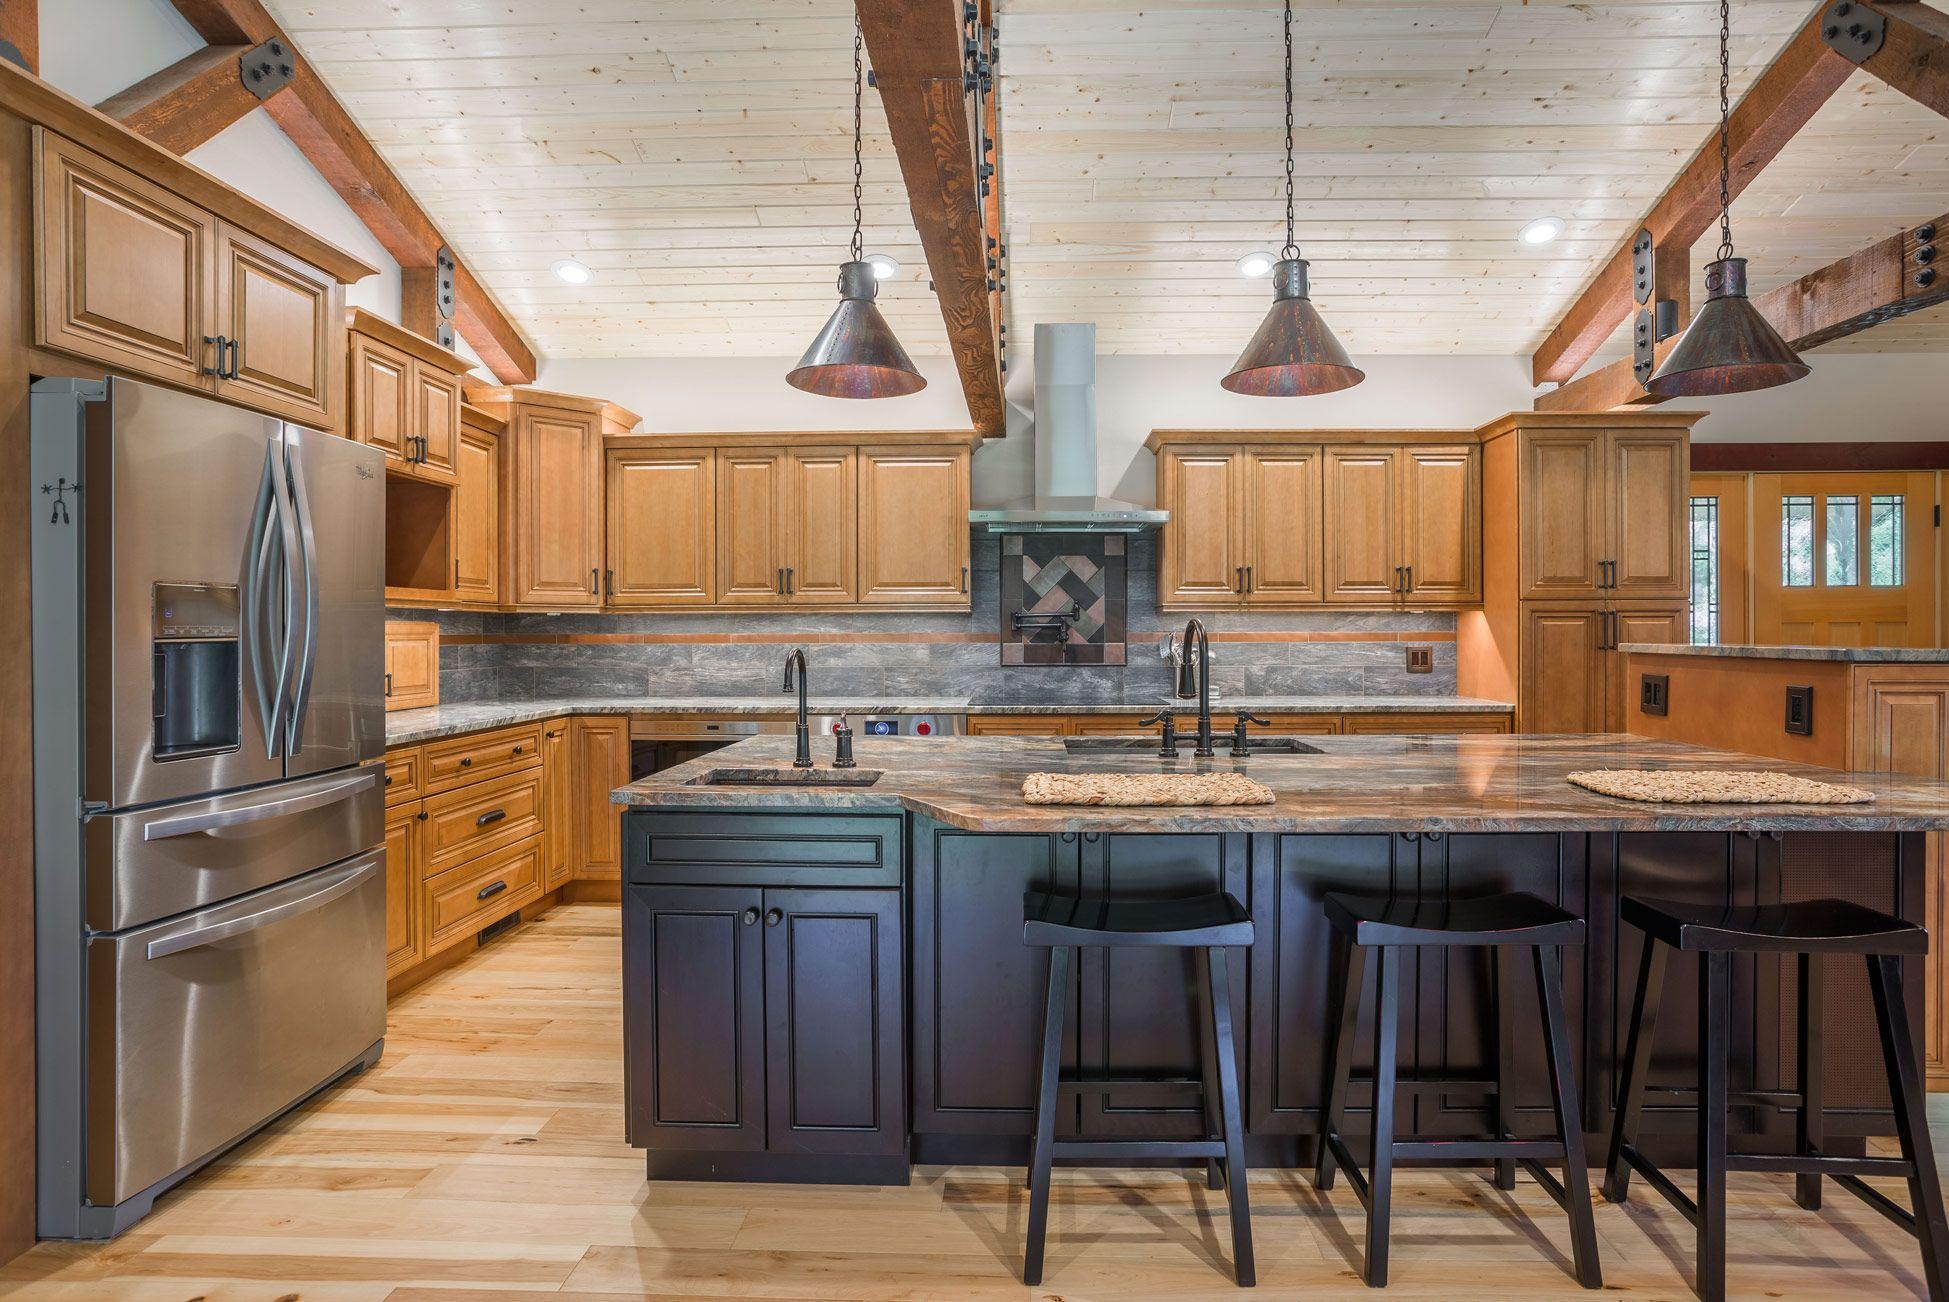 Co66 Cinnamon Glazed J K Cabinetry In 2020 Espresso Kitchen Cabinets Kitchen Cabinet Styles Maple Kitchen Cabinets